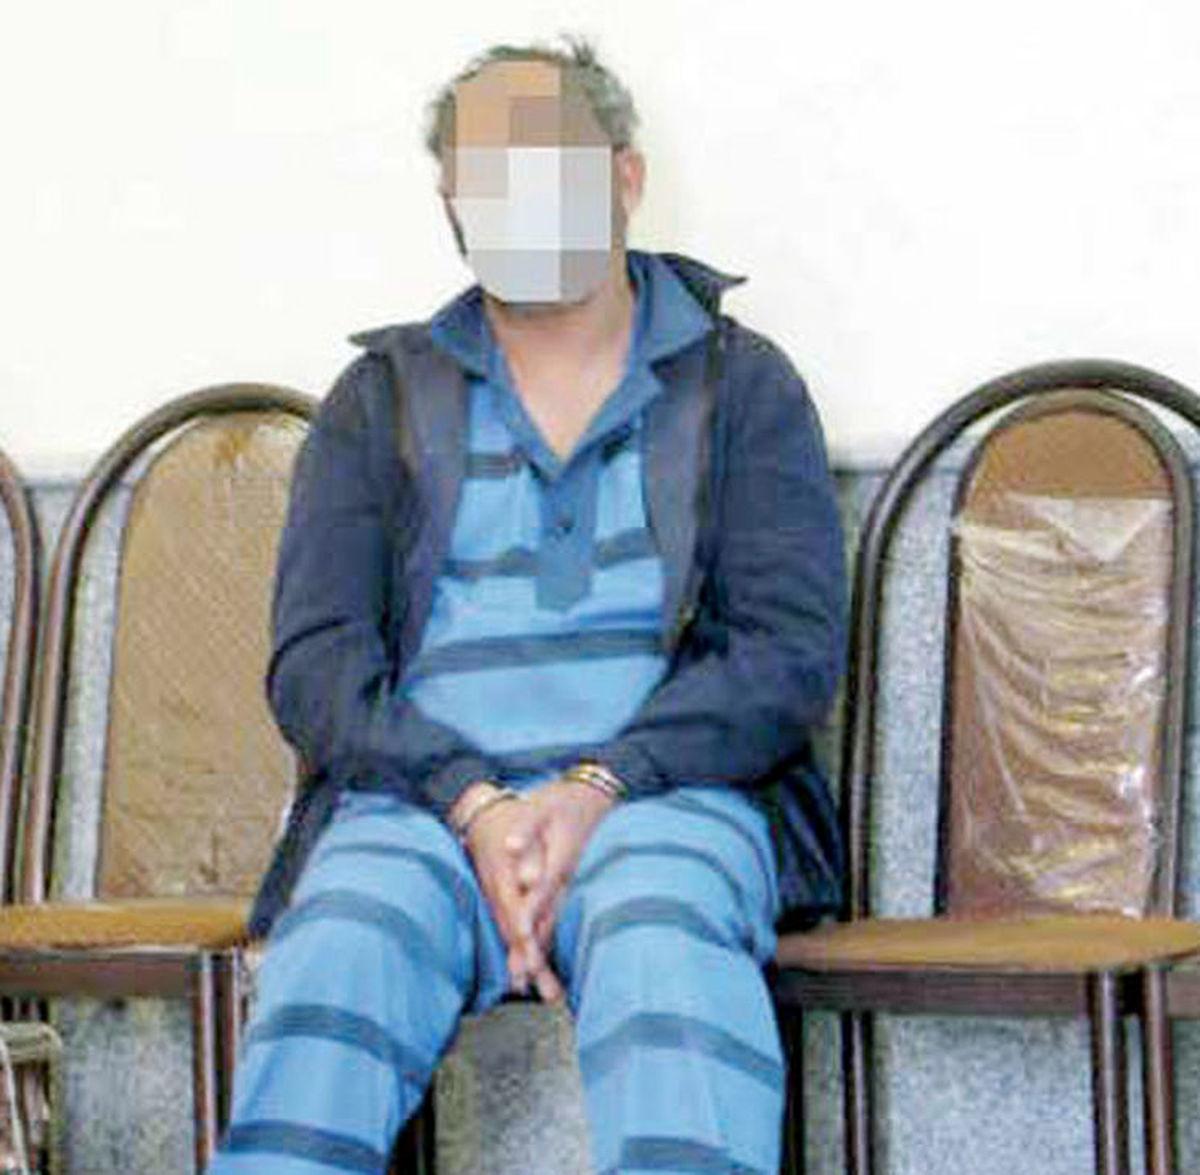 قتل دلخراش در ممسنی / مرد خشمگین خانواده اش را تیرباران کرد+جزئیات باورنکردنی